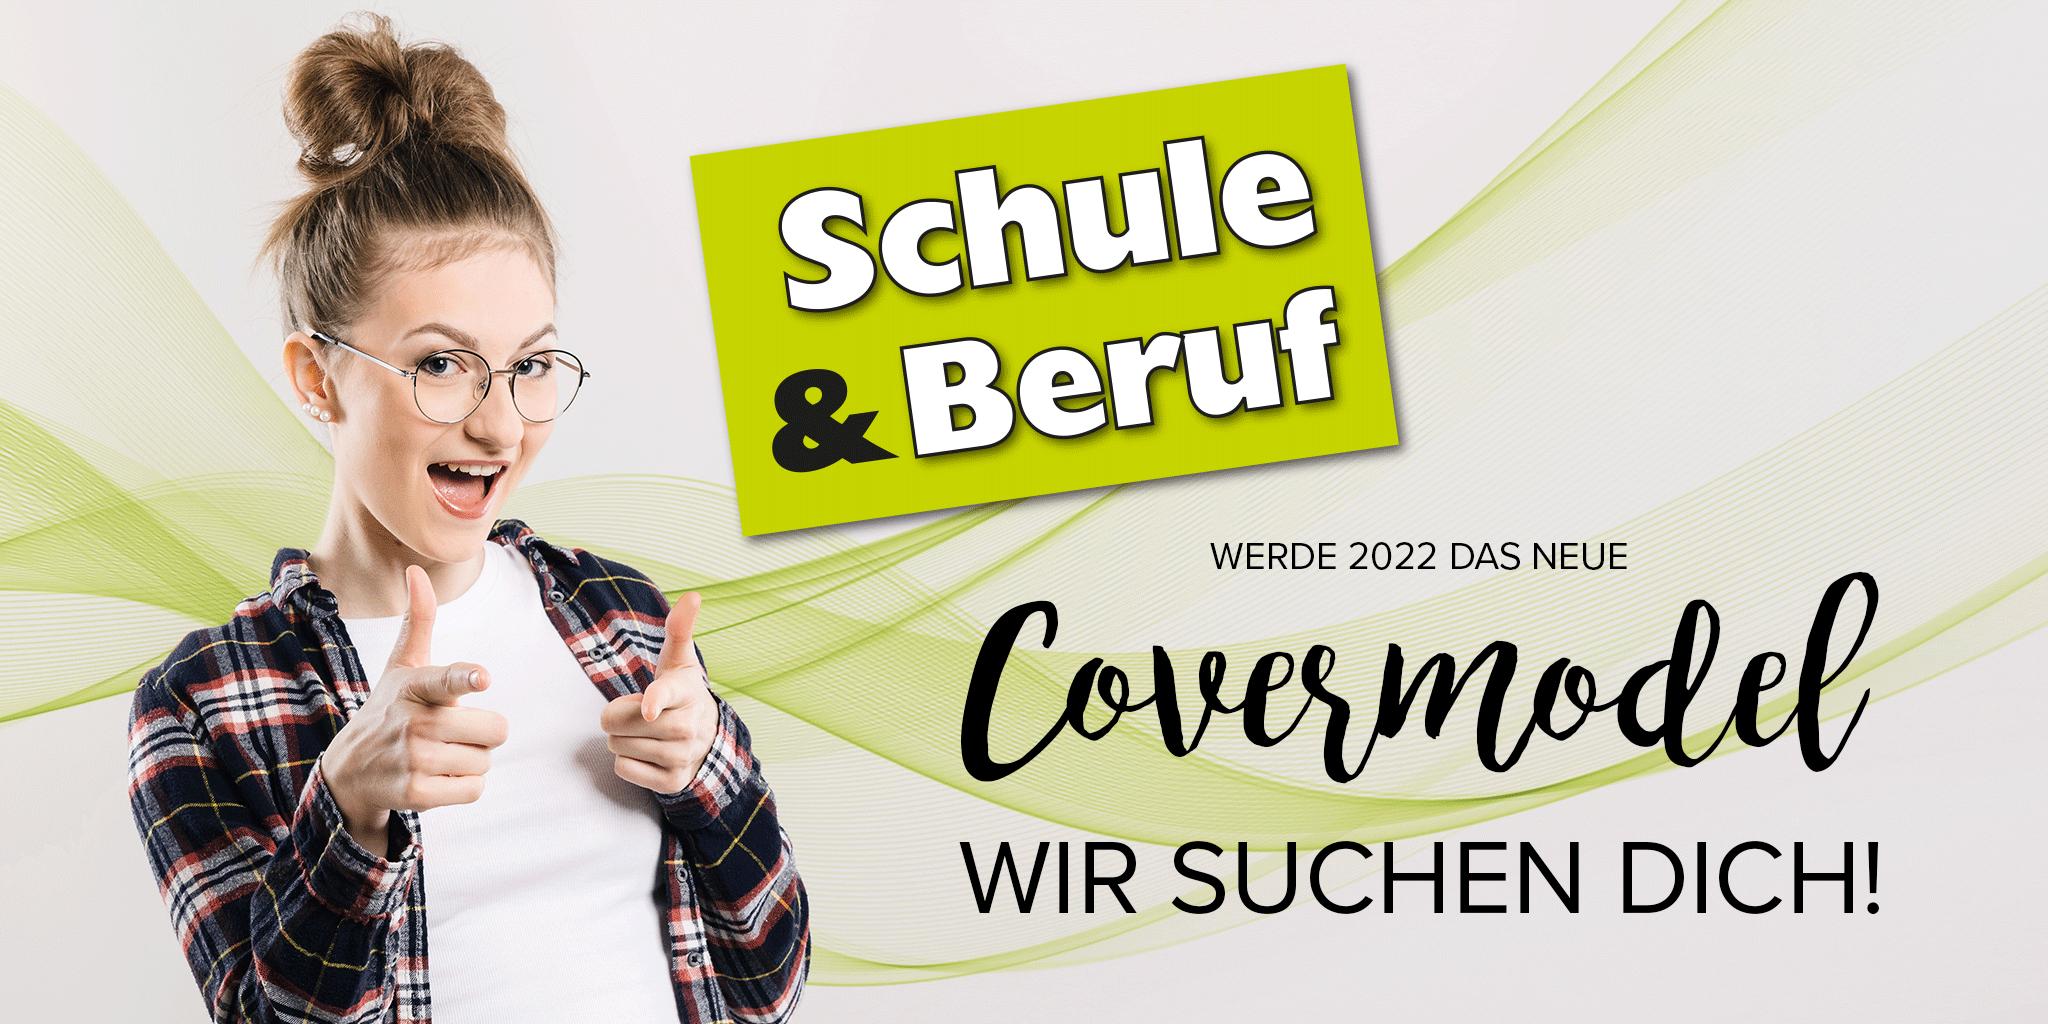 Cover Model 2022 - SCHULE & BERUF